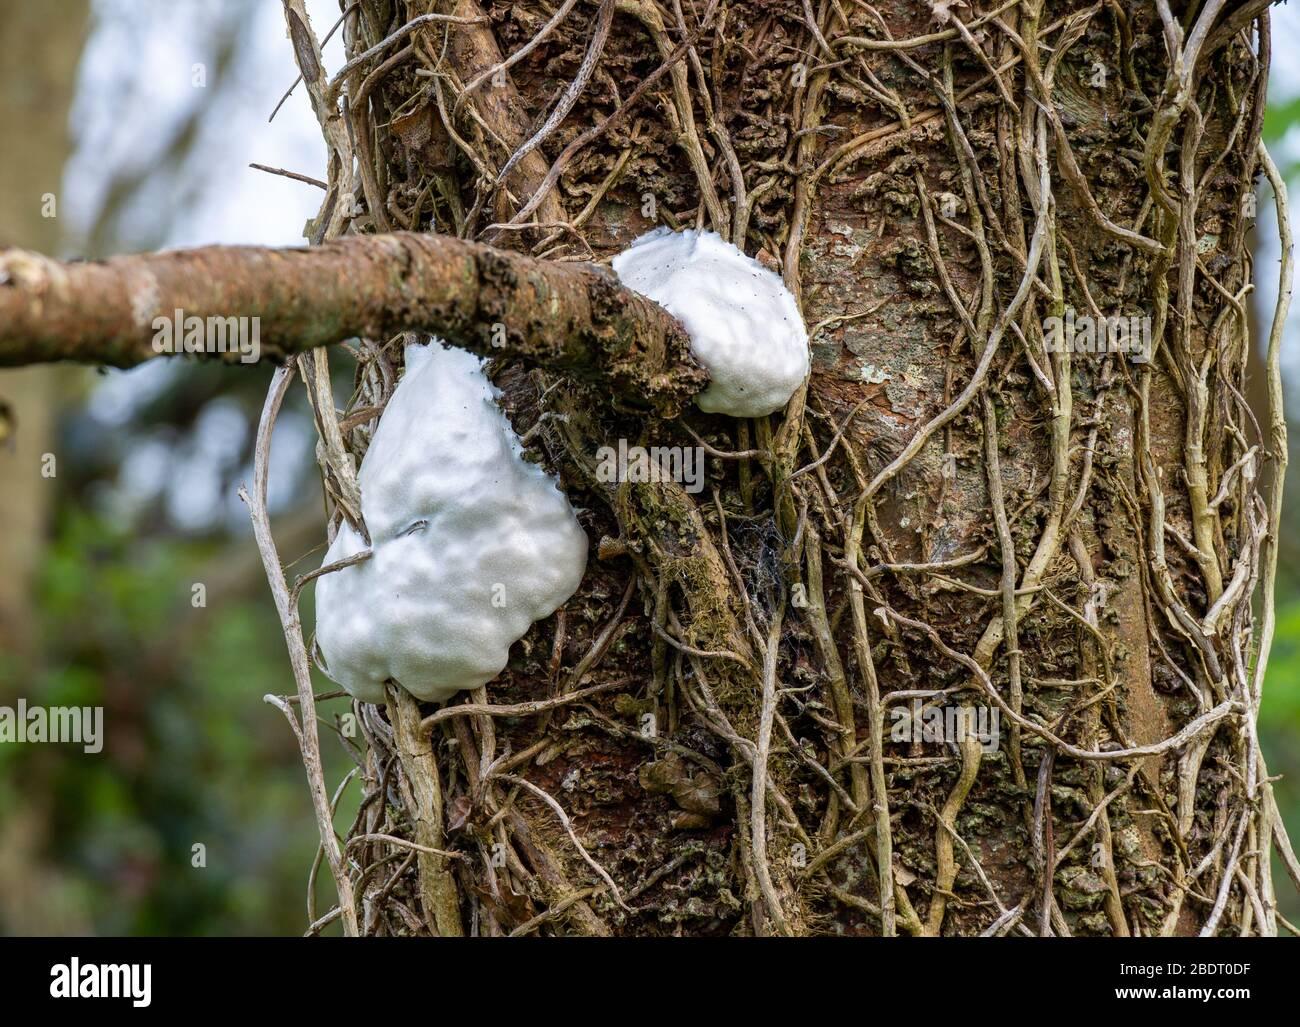 white-egg-cocoon-on-tree-2BDT0DF.jpg